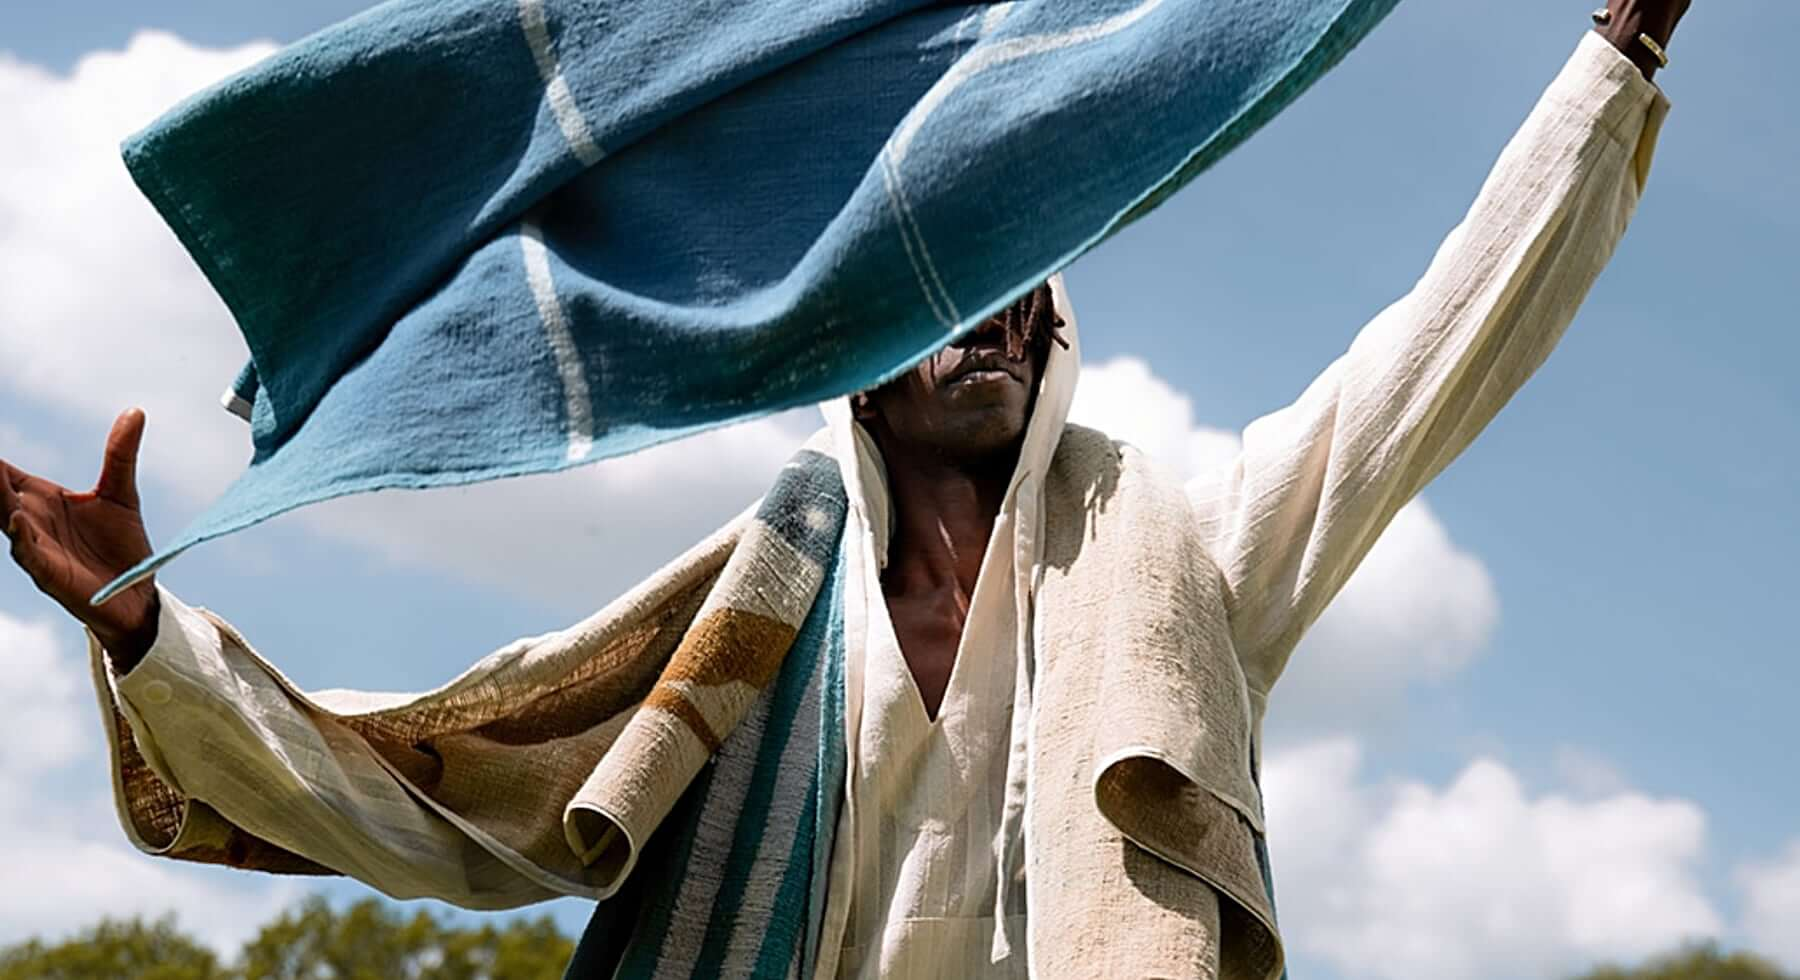 11.11/eleven elevaen Mud-resist indigo-dyed cotton beach towels